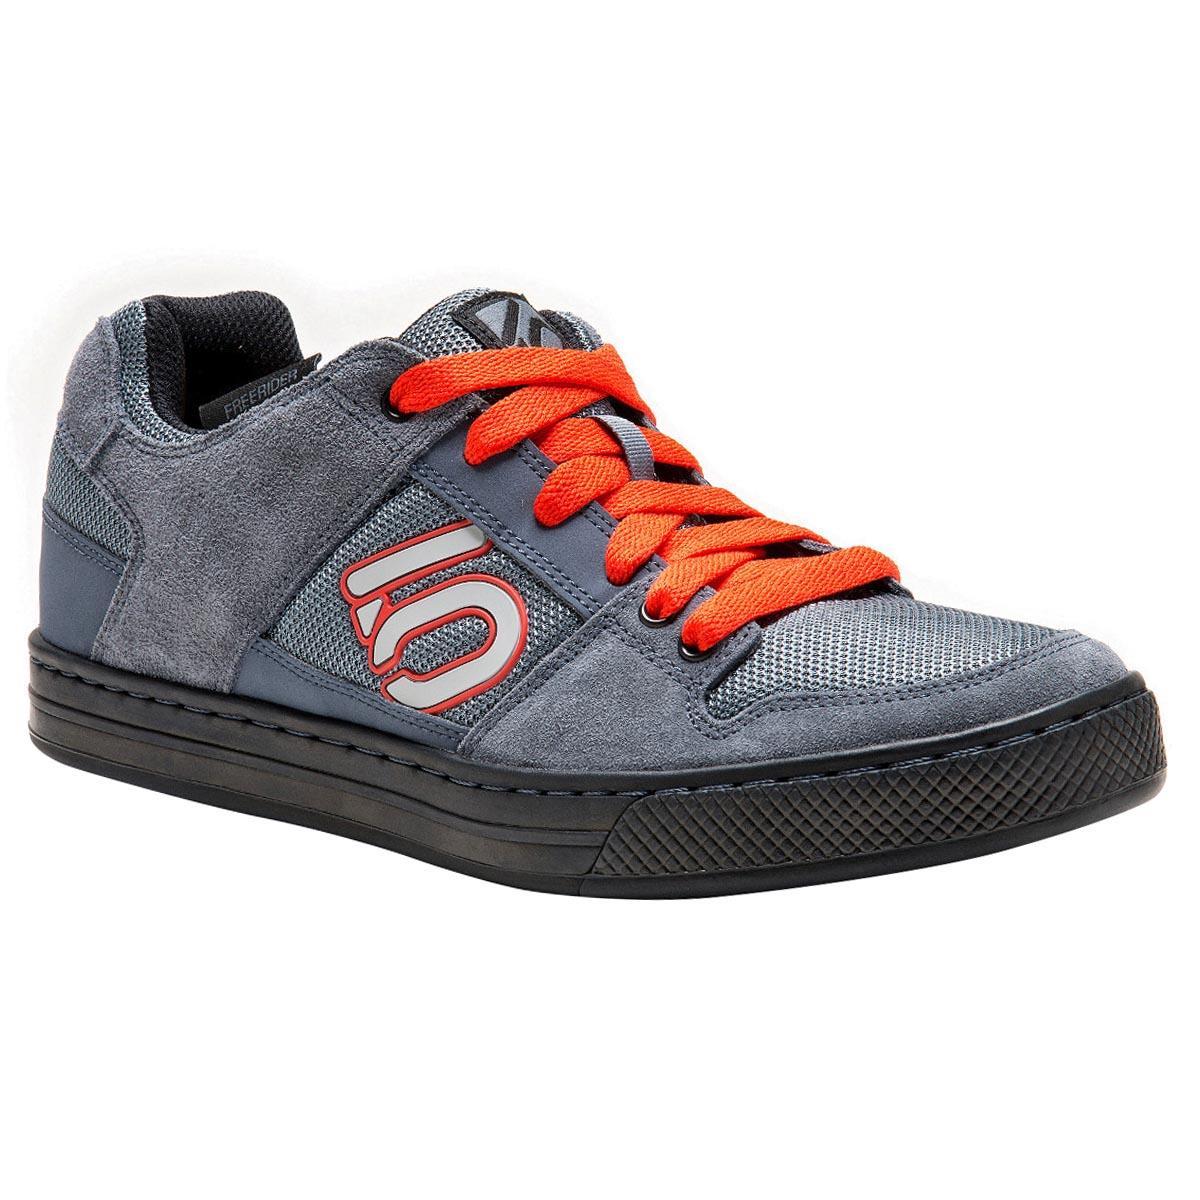 Five Ten MTB Schuhe Freerider GrauOrange